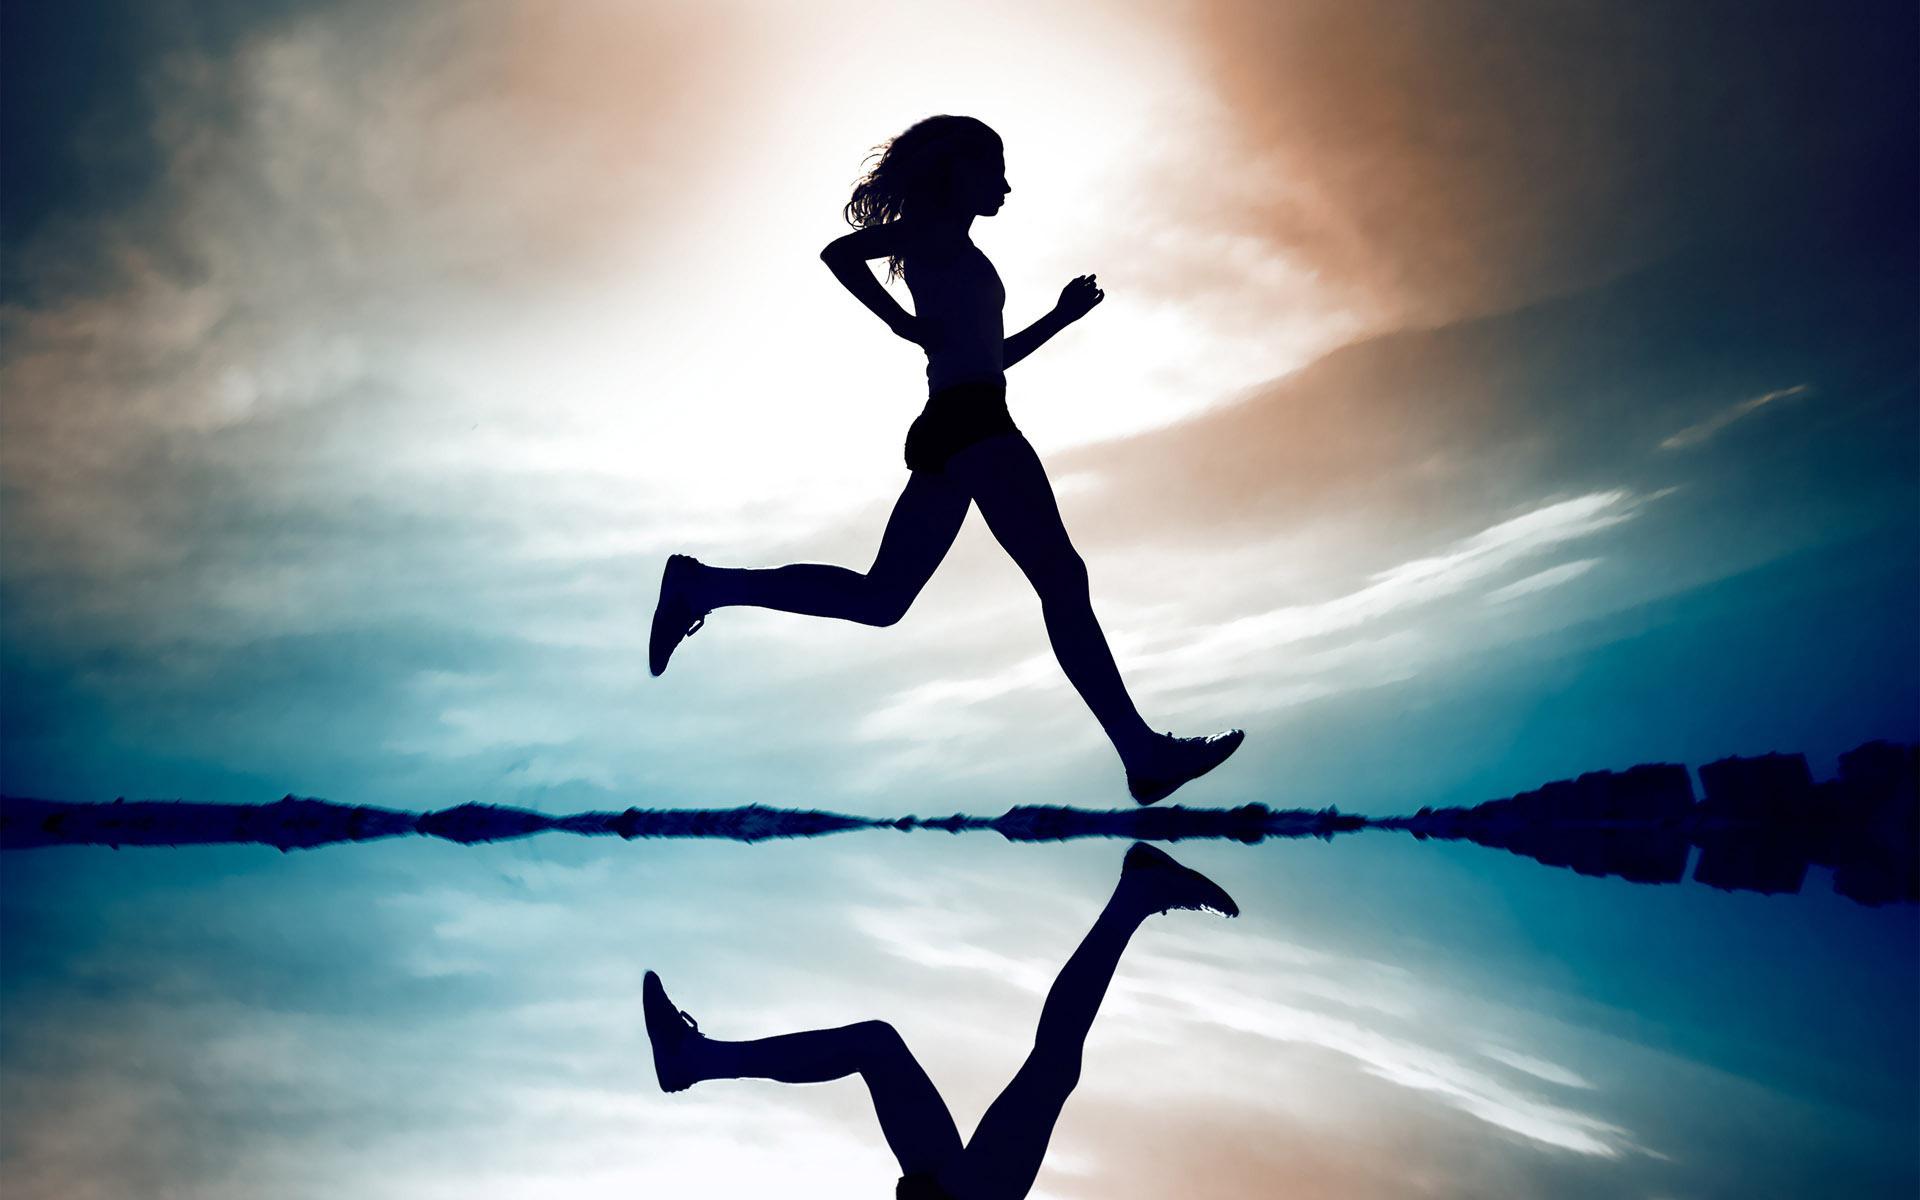 картинки для мотивации духа первый